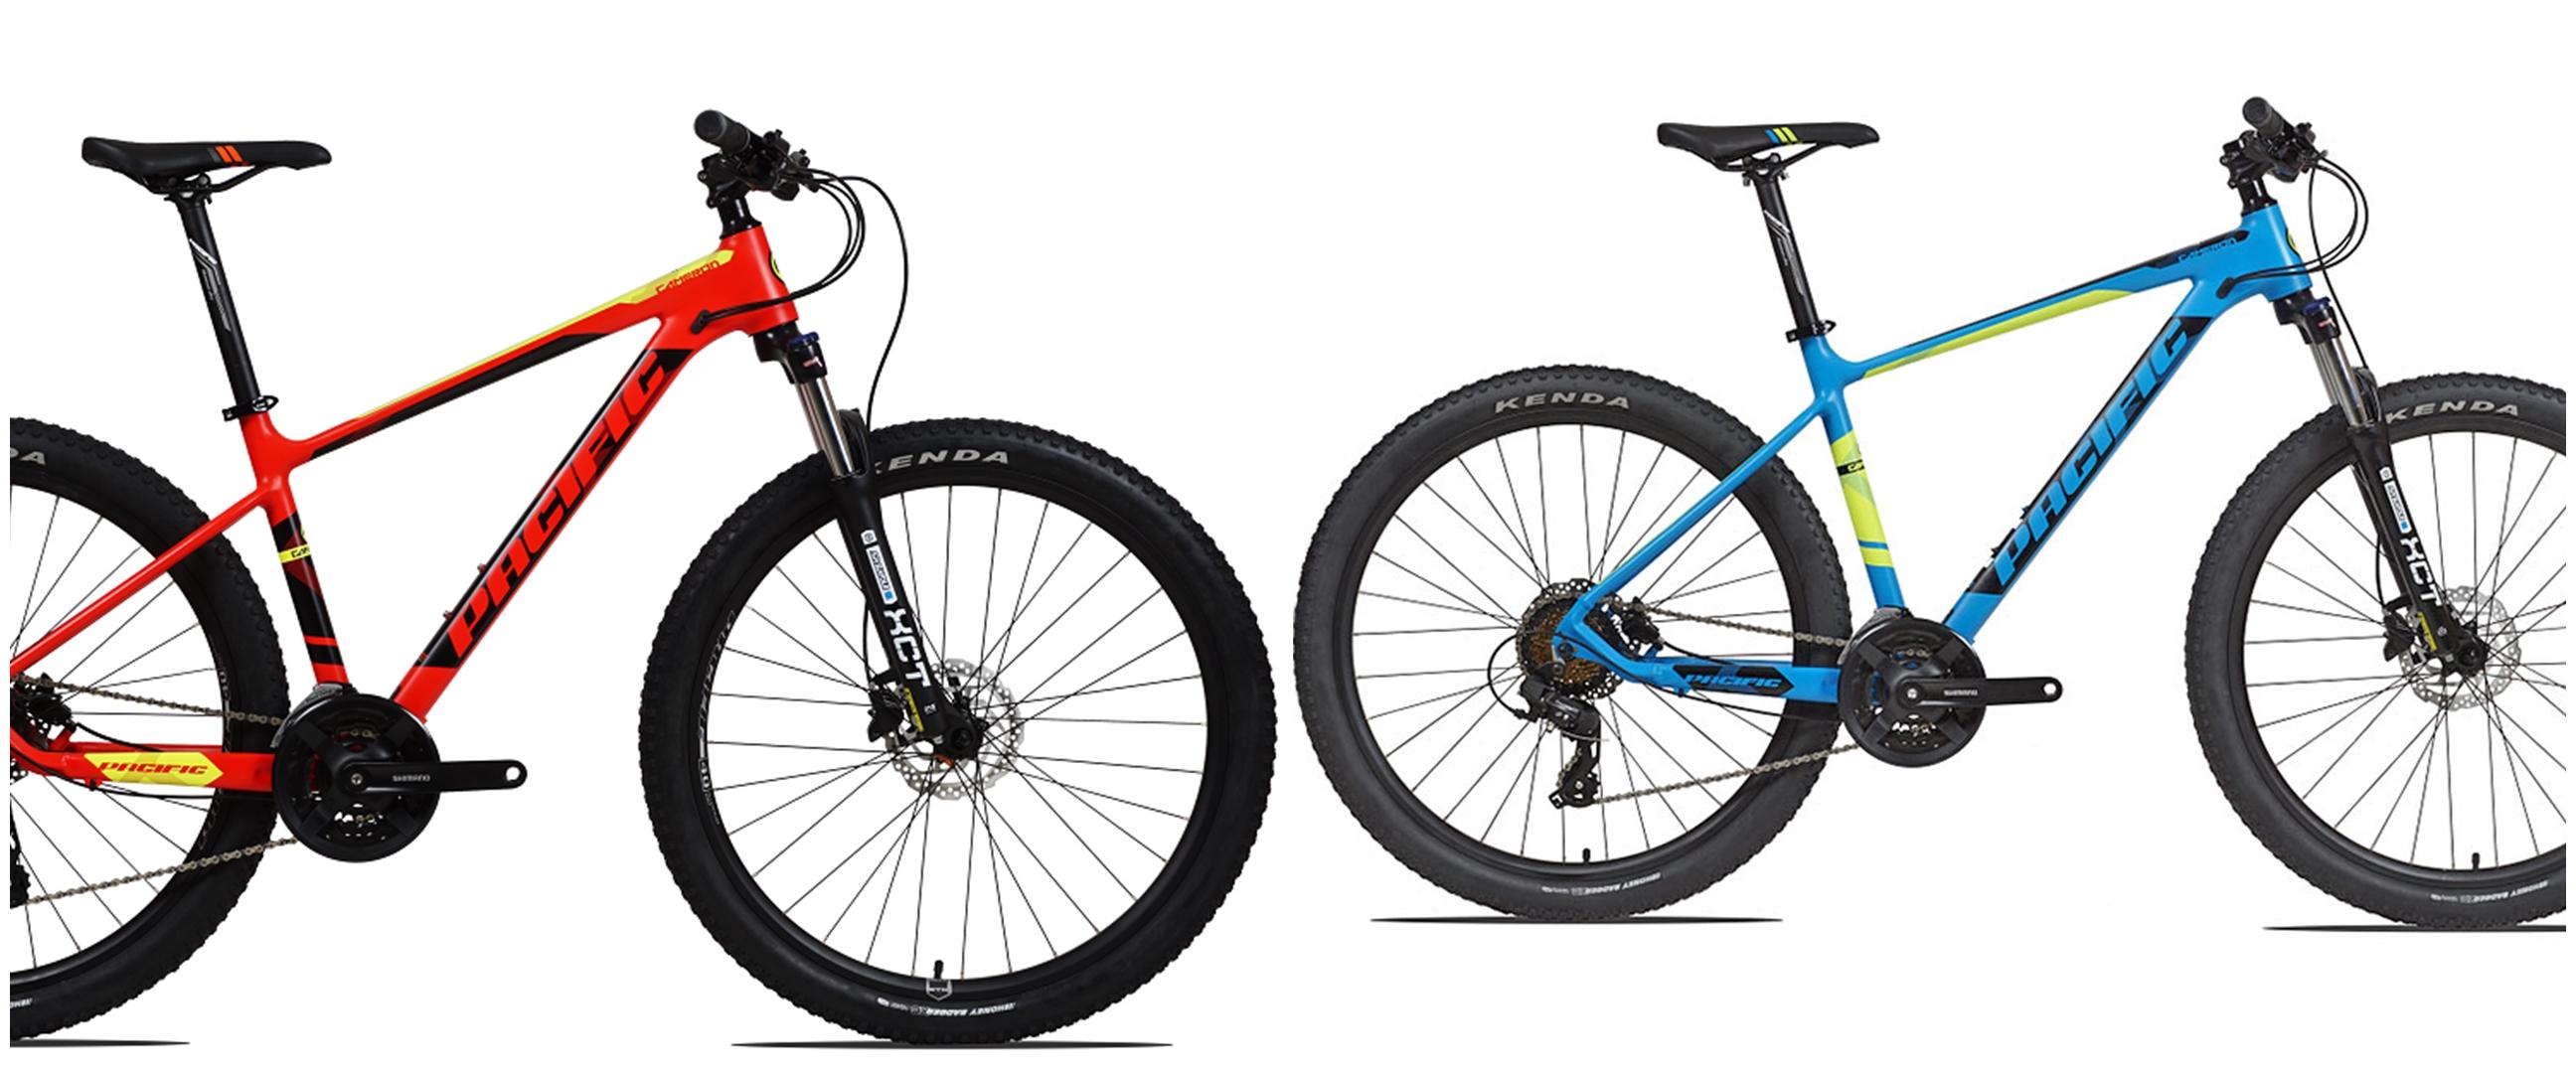 Harga sepeda Pacific Cameron 5.0 dan spesifikasi lengkapnya